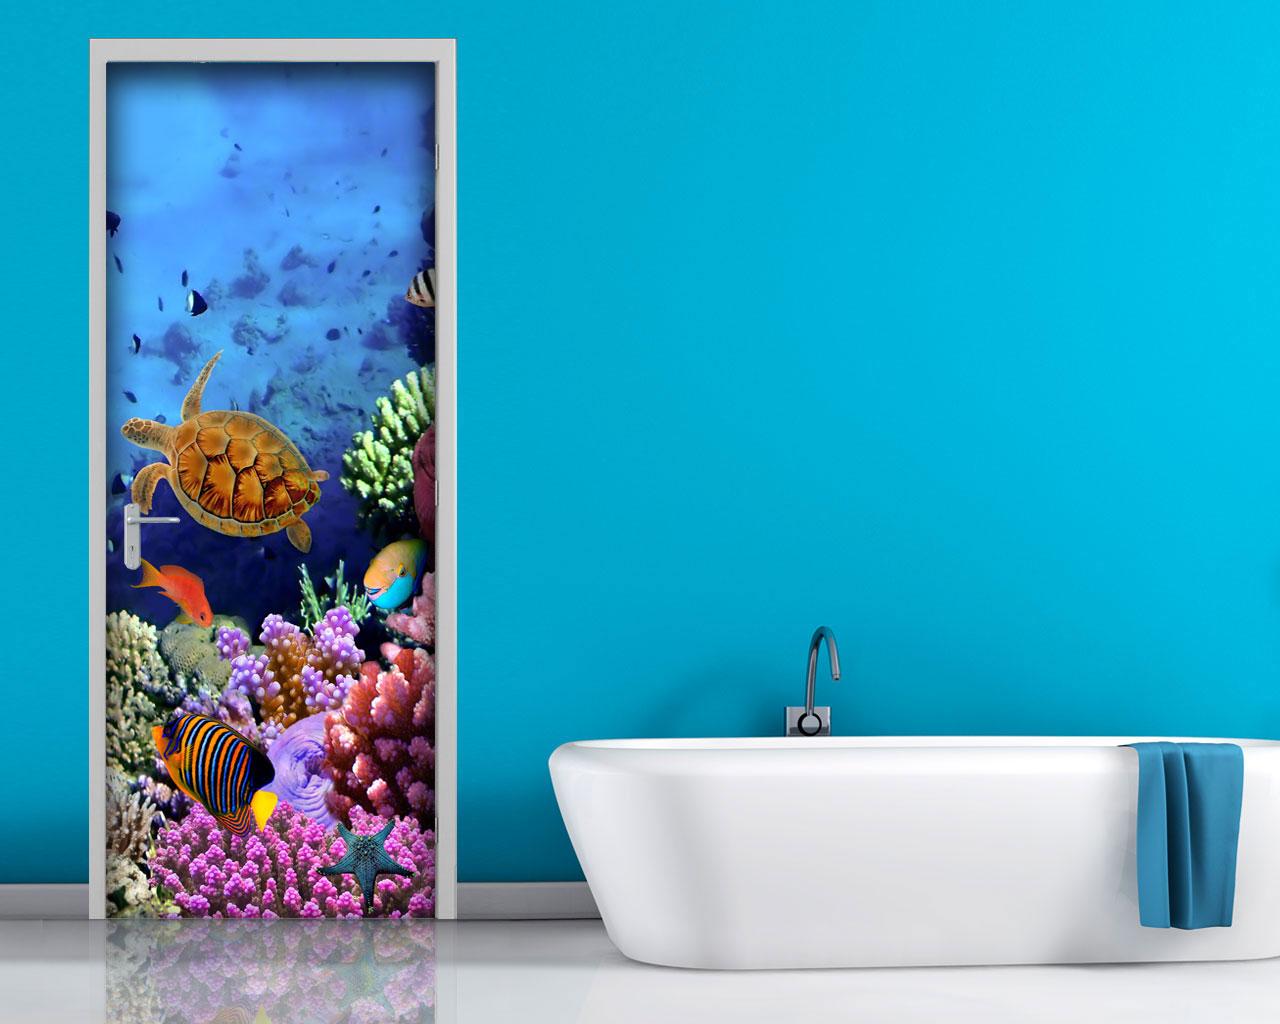 Pesci e coralli animali adesivo per porte interni - Adesivi per porte interne ikea ...